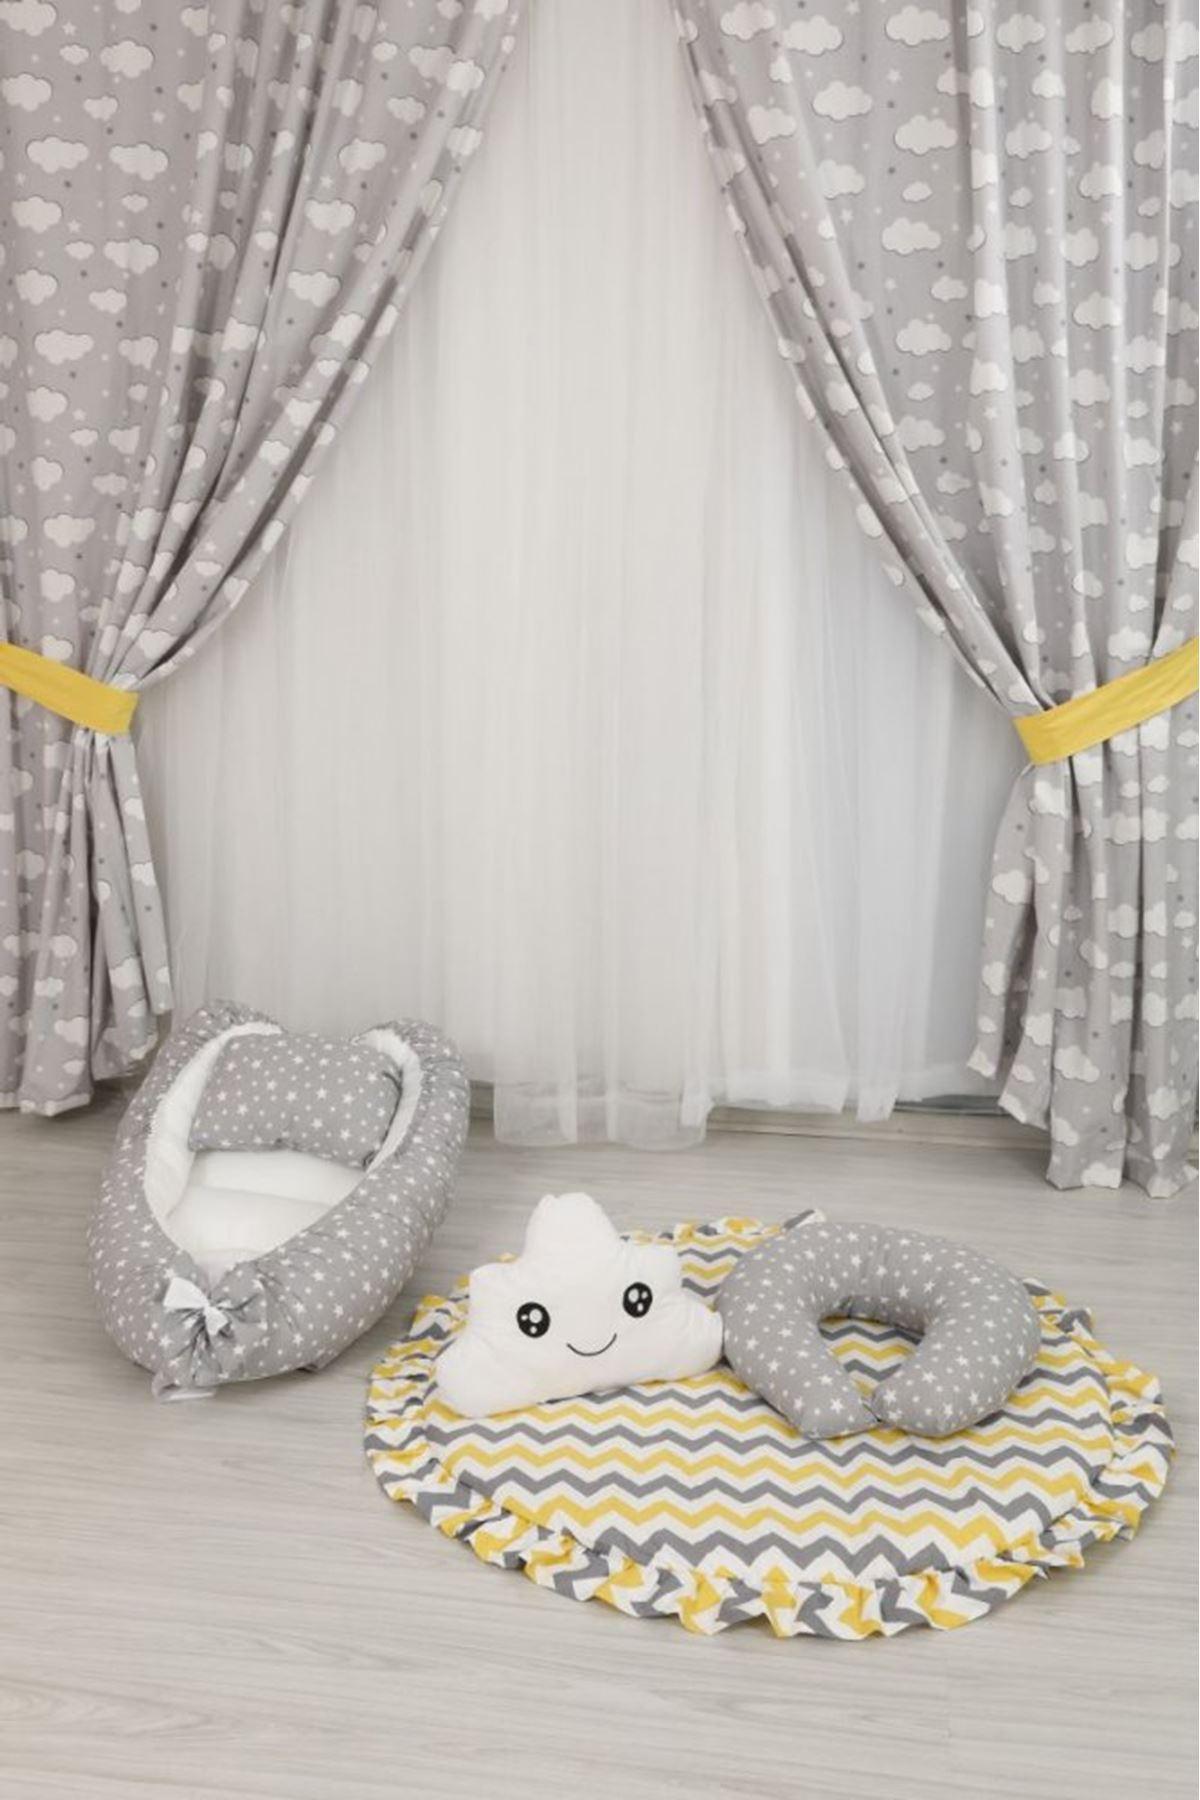 Sarı Zigzaglı Bebek Oyun Halısı Takımı